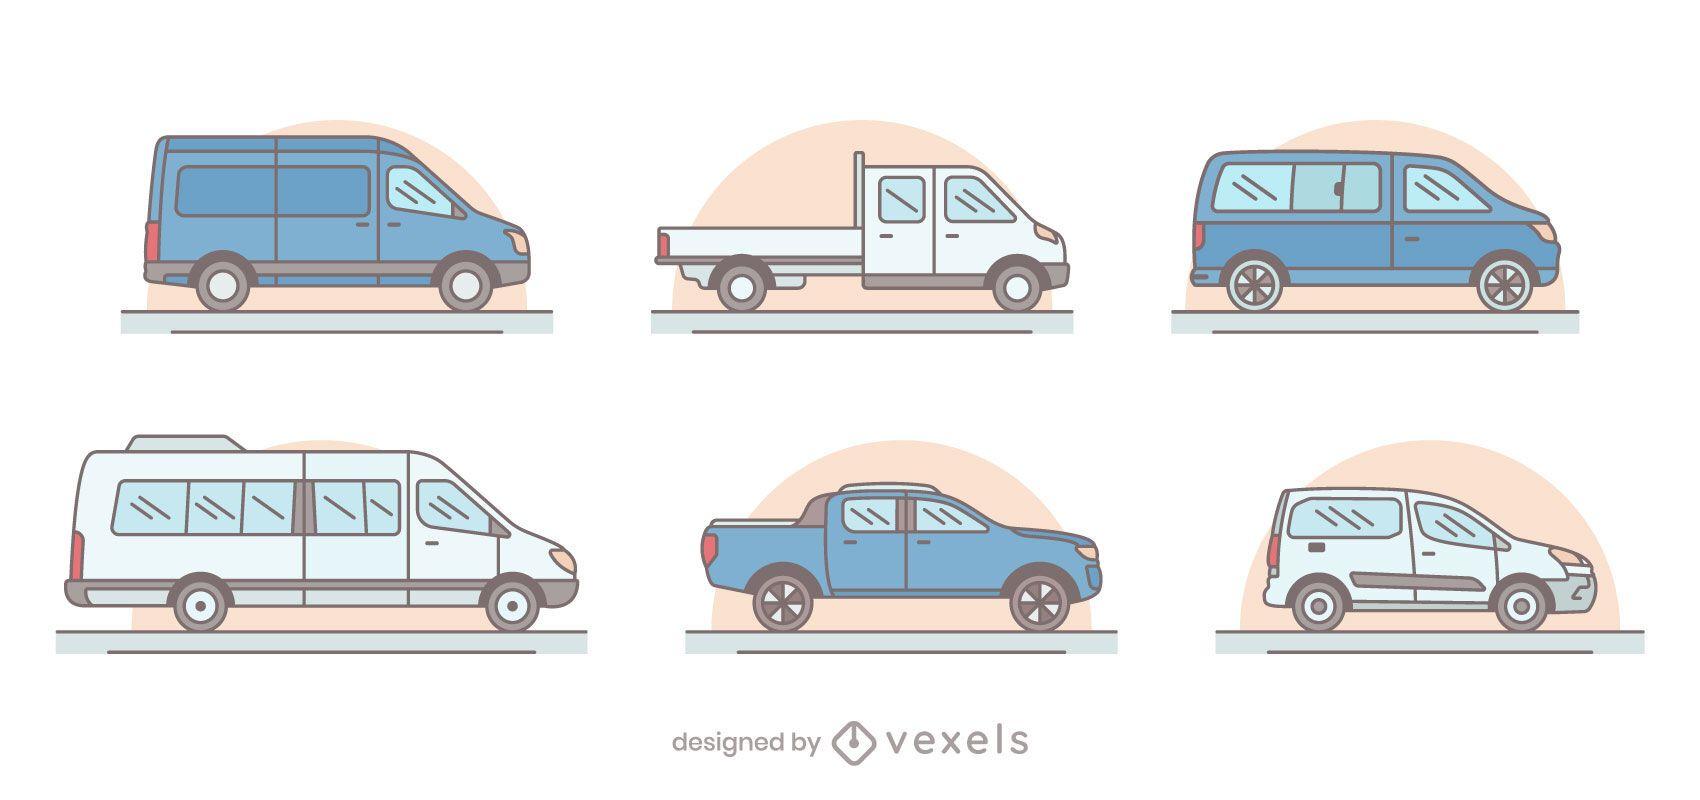 Vans illustration set